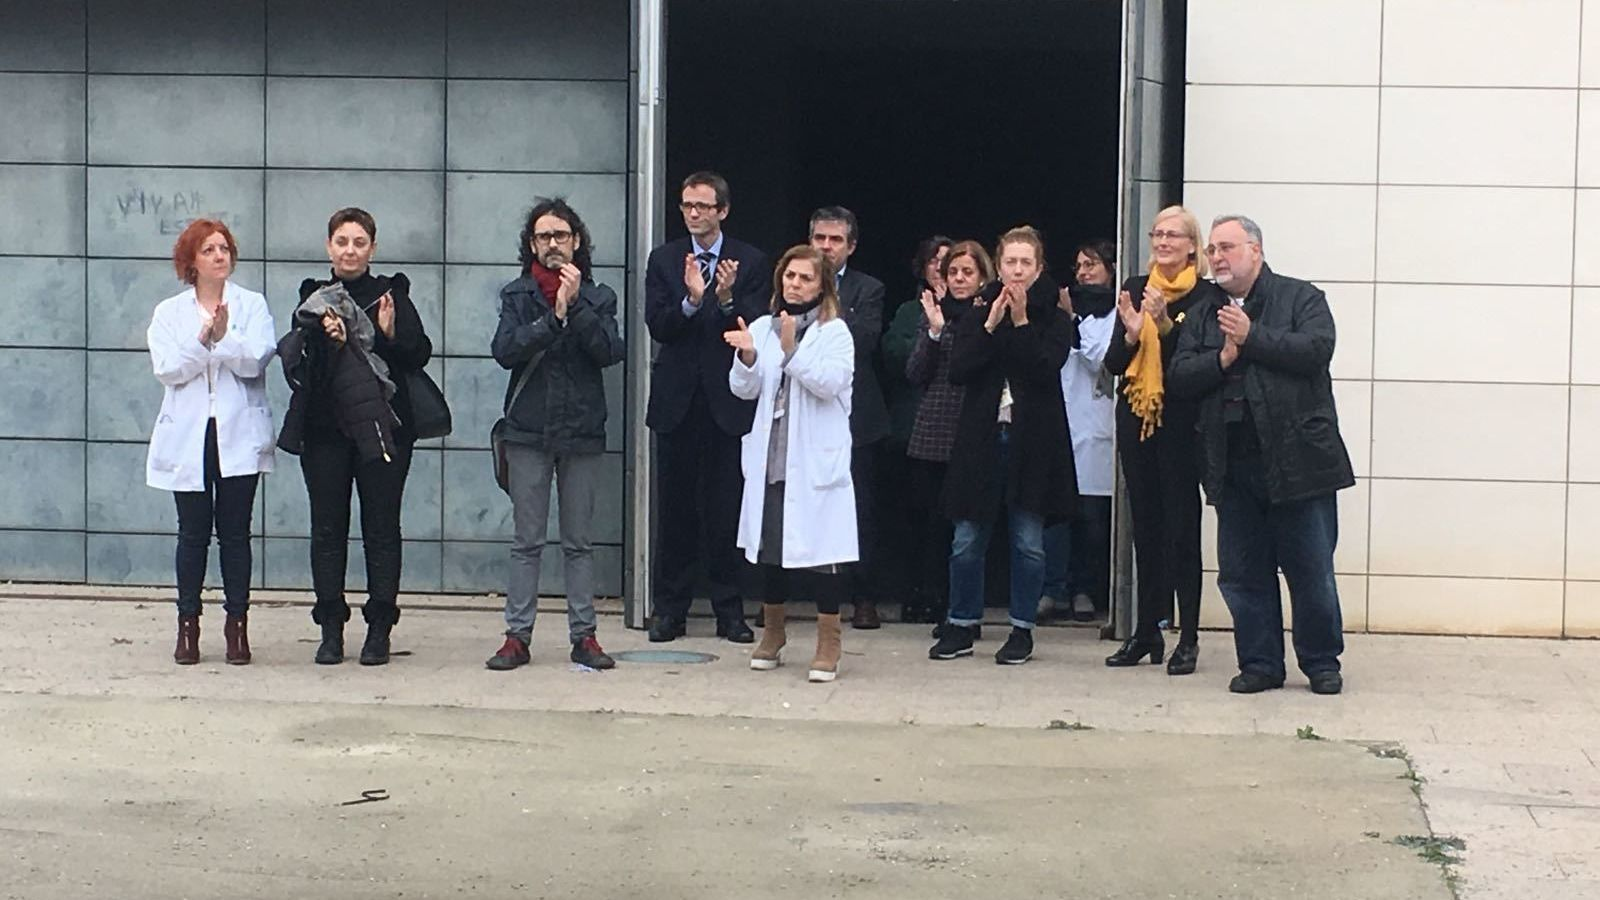 Els conservadors del Museu de Lleida aplaudeixen els manifestants